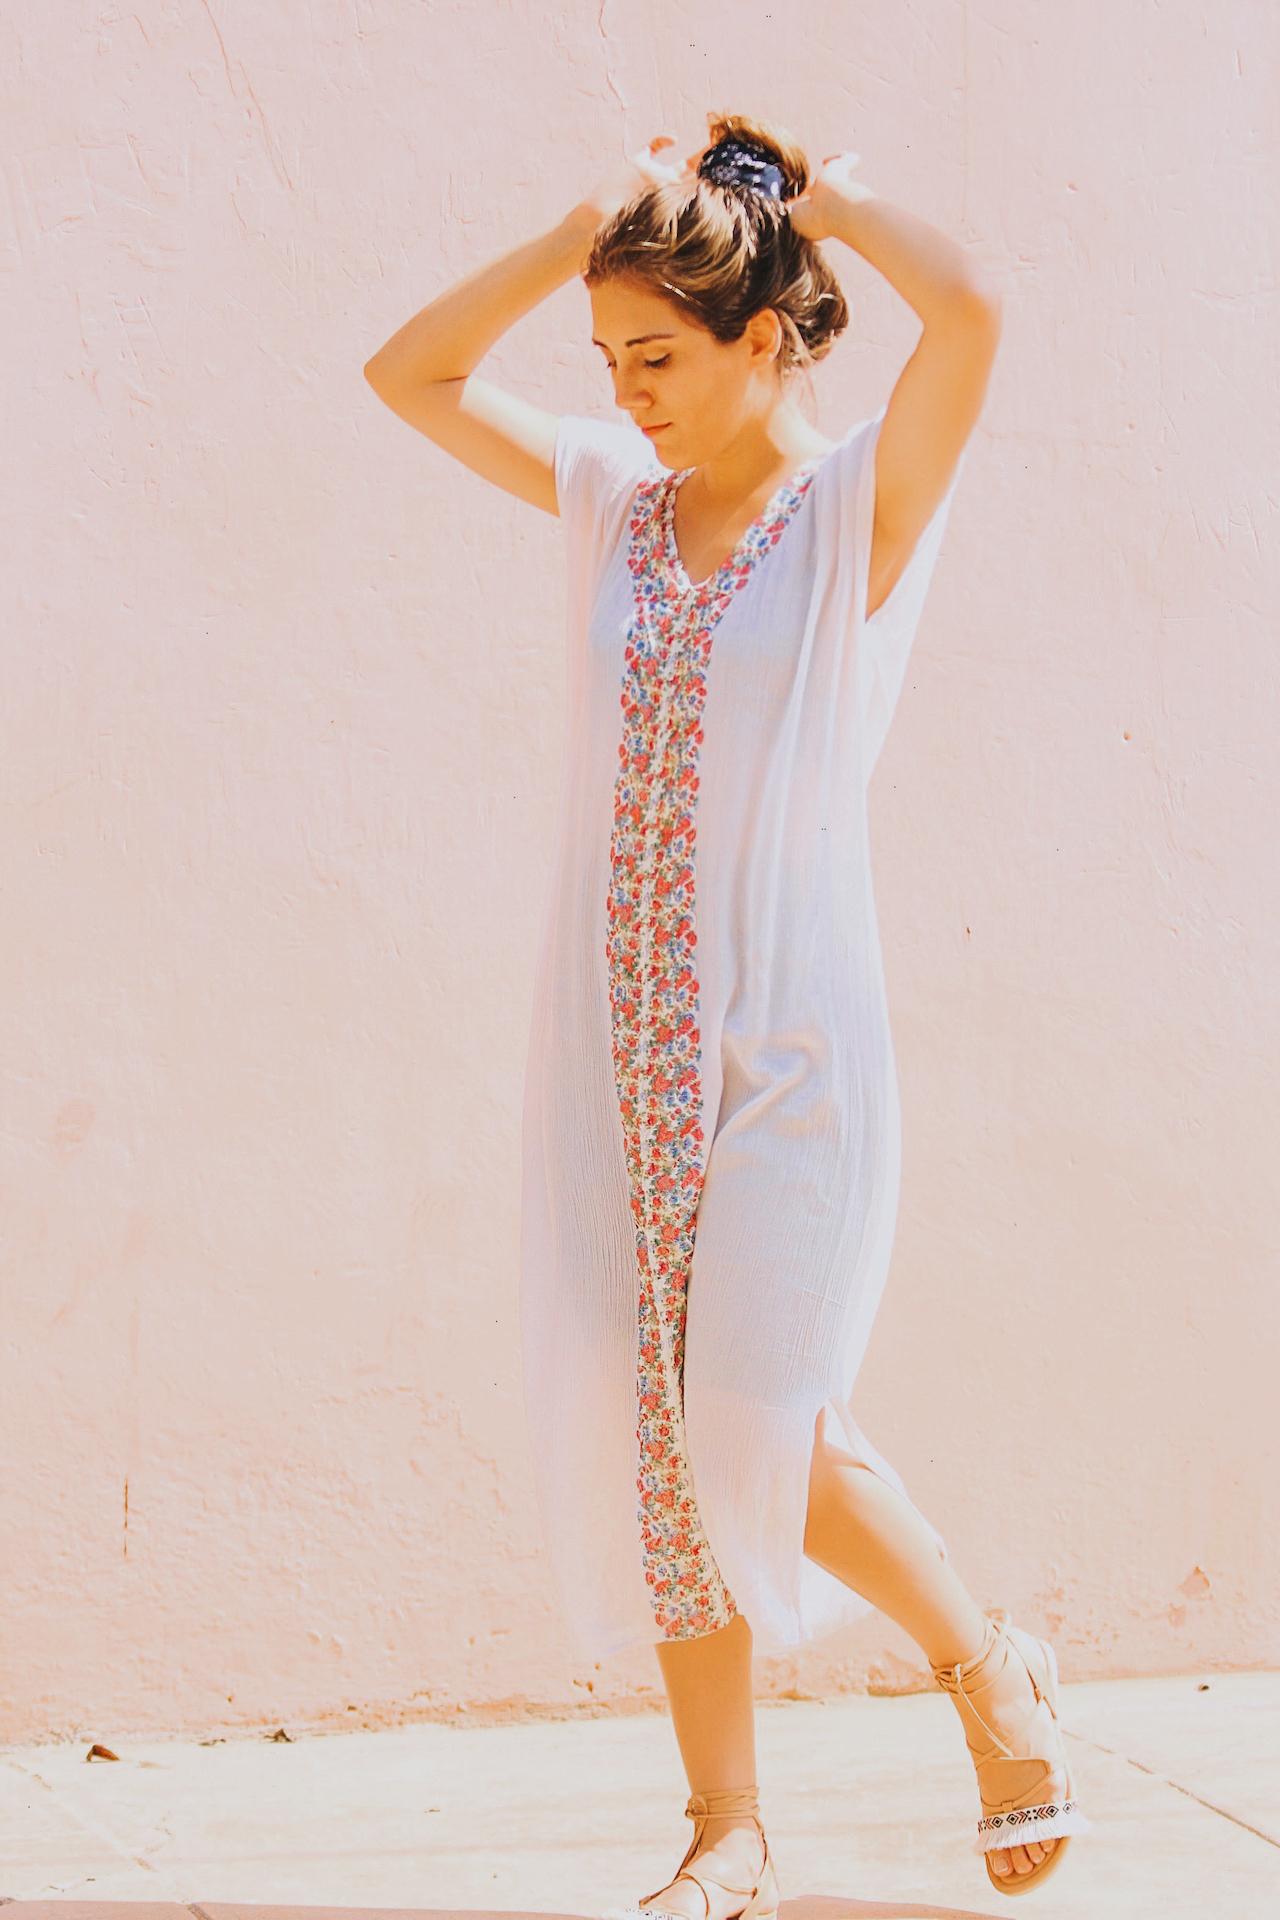 Vestido largo de tela Hindu, con aplicación (encaje estampado)  Largo: 1.18m, Ancho Pecho: 58cm, Ancho Espalda: 54cm, Sisa:24cm